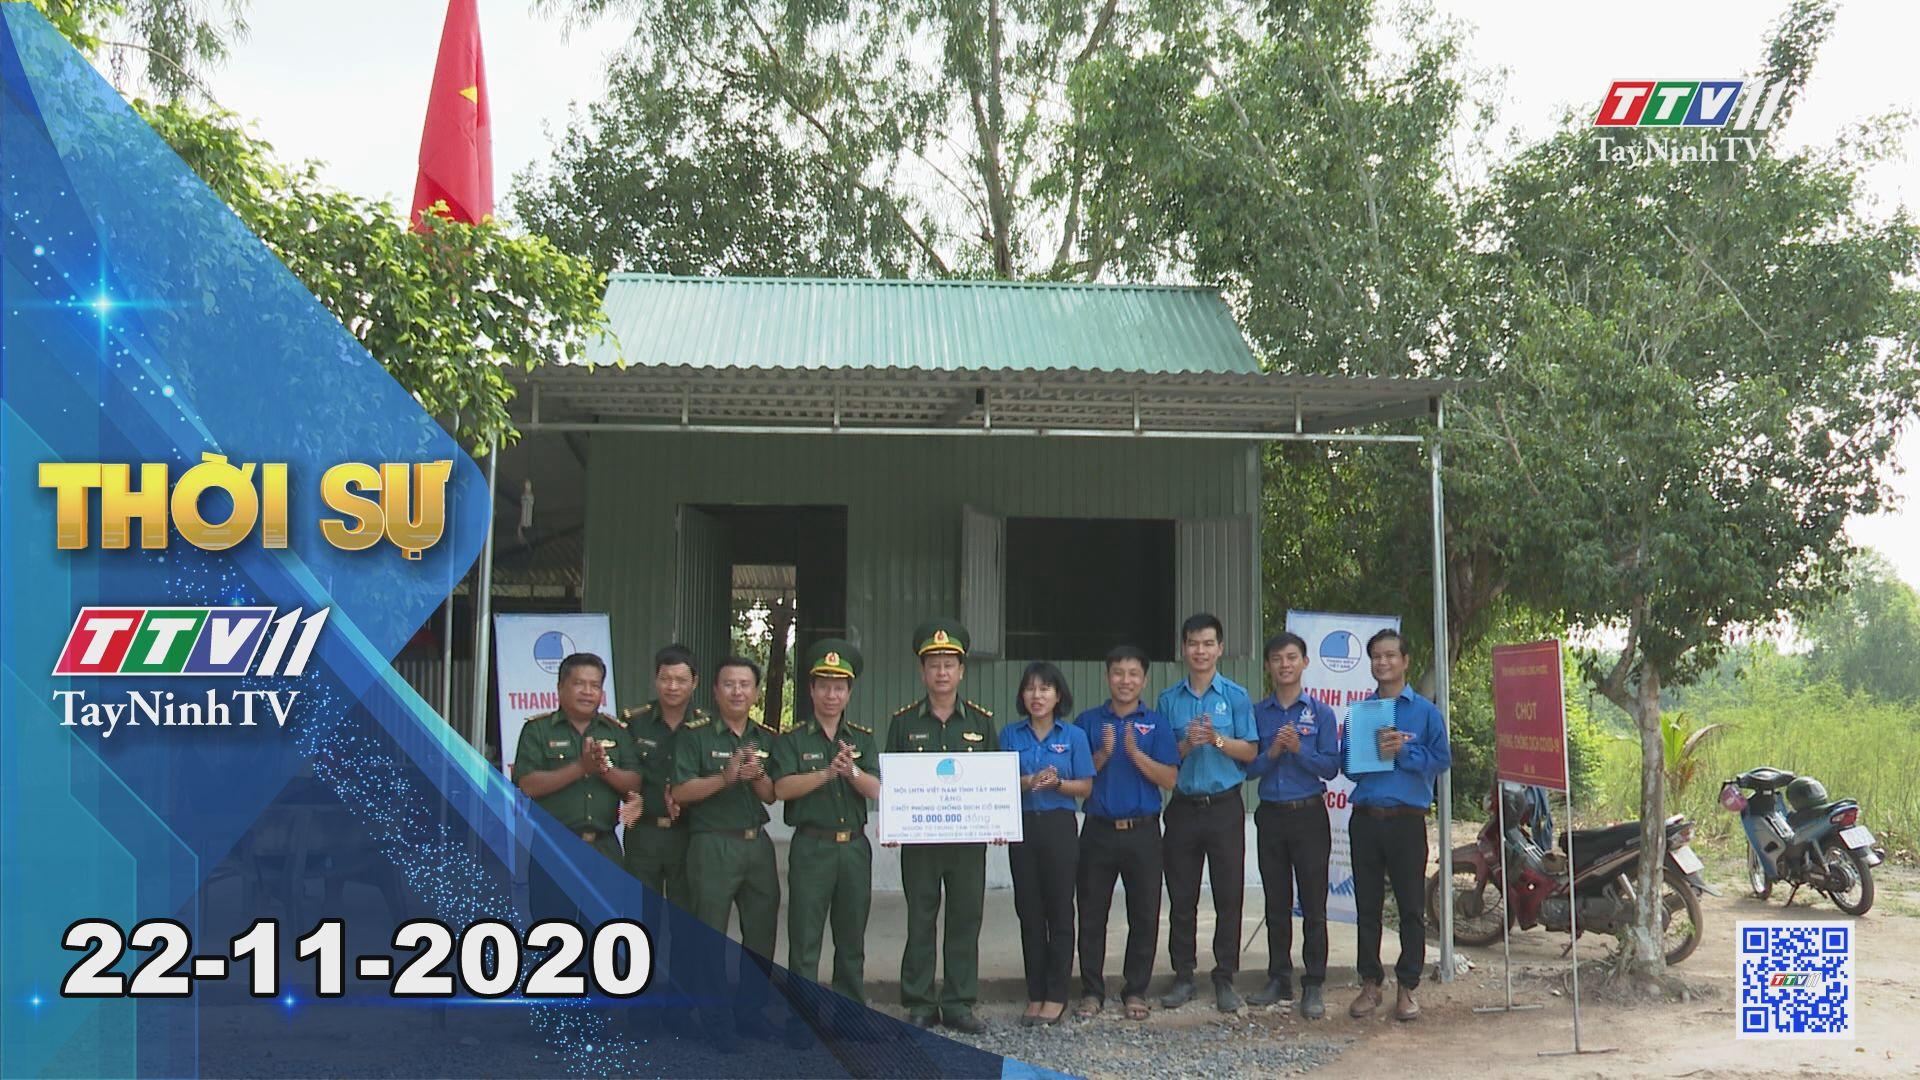 Thời sự Tây Ninh 22-11-2020 | Tin tức hôm nay | TayNinhTV